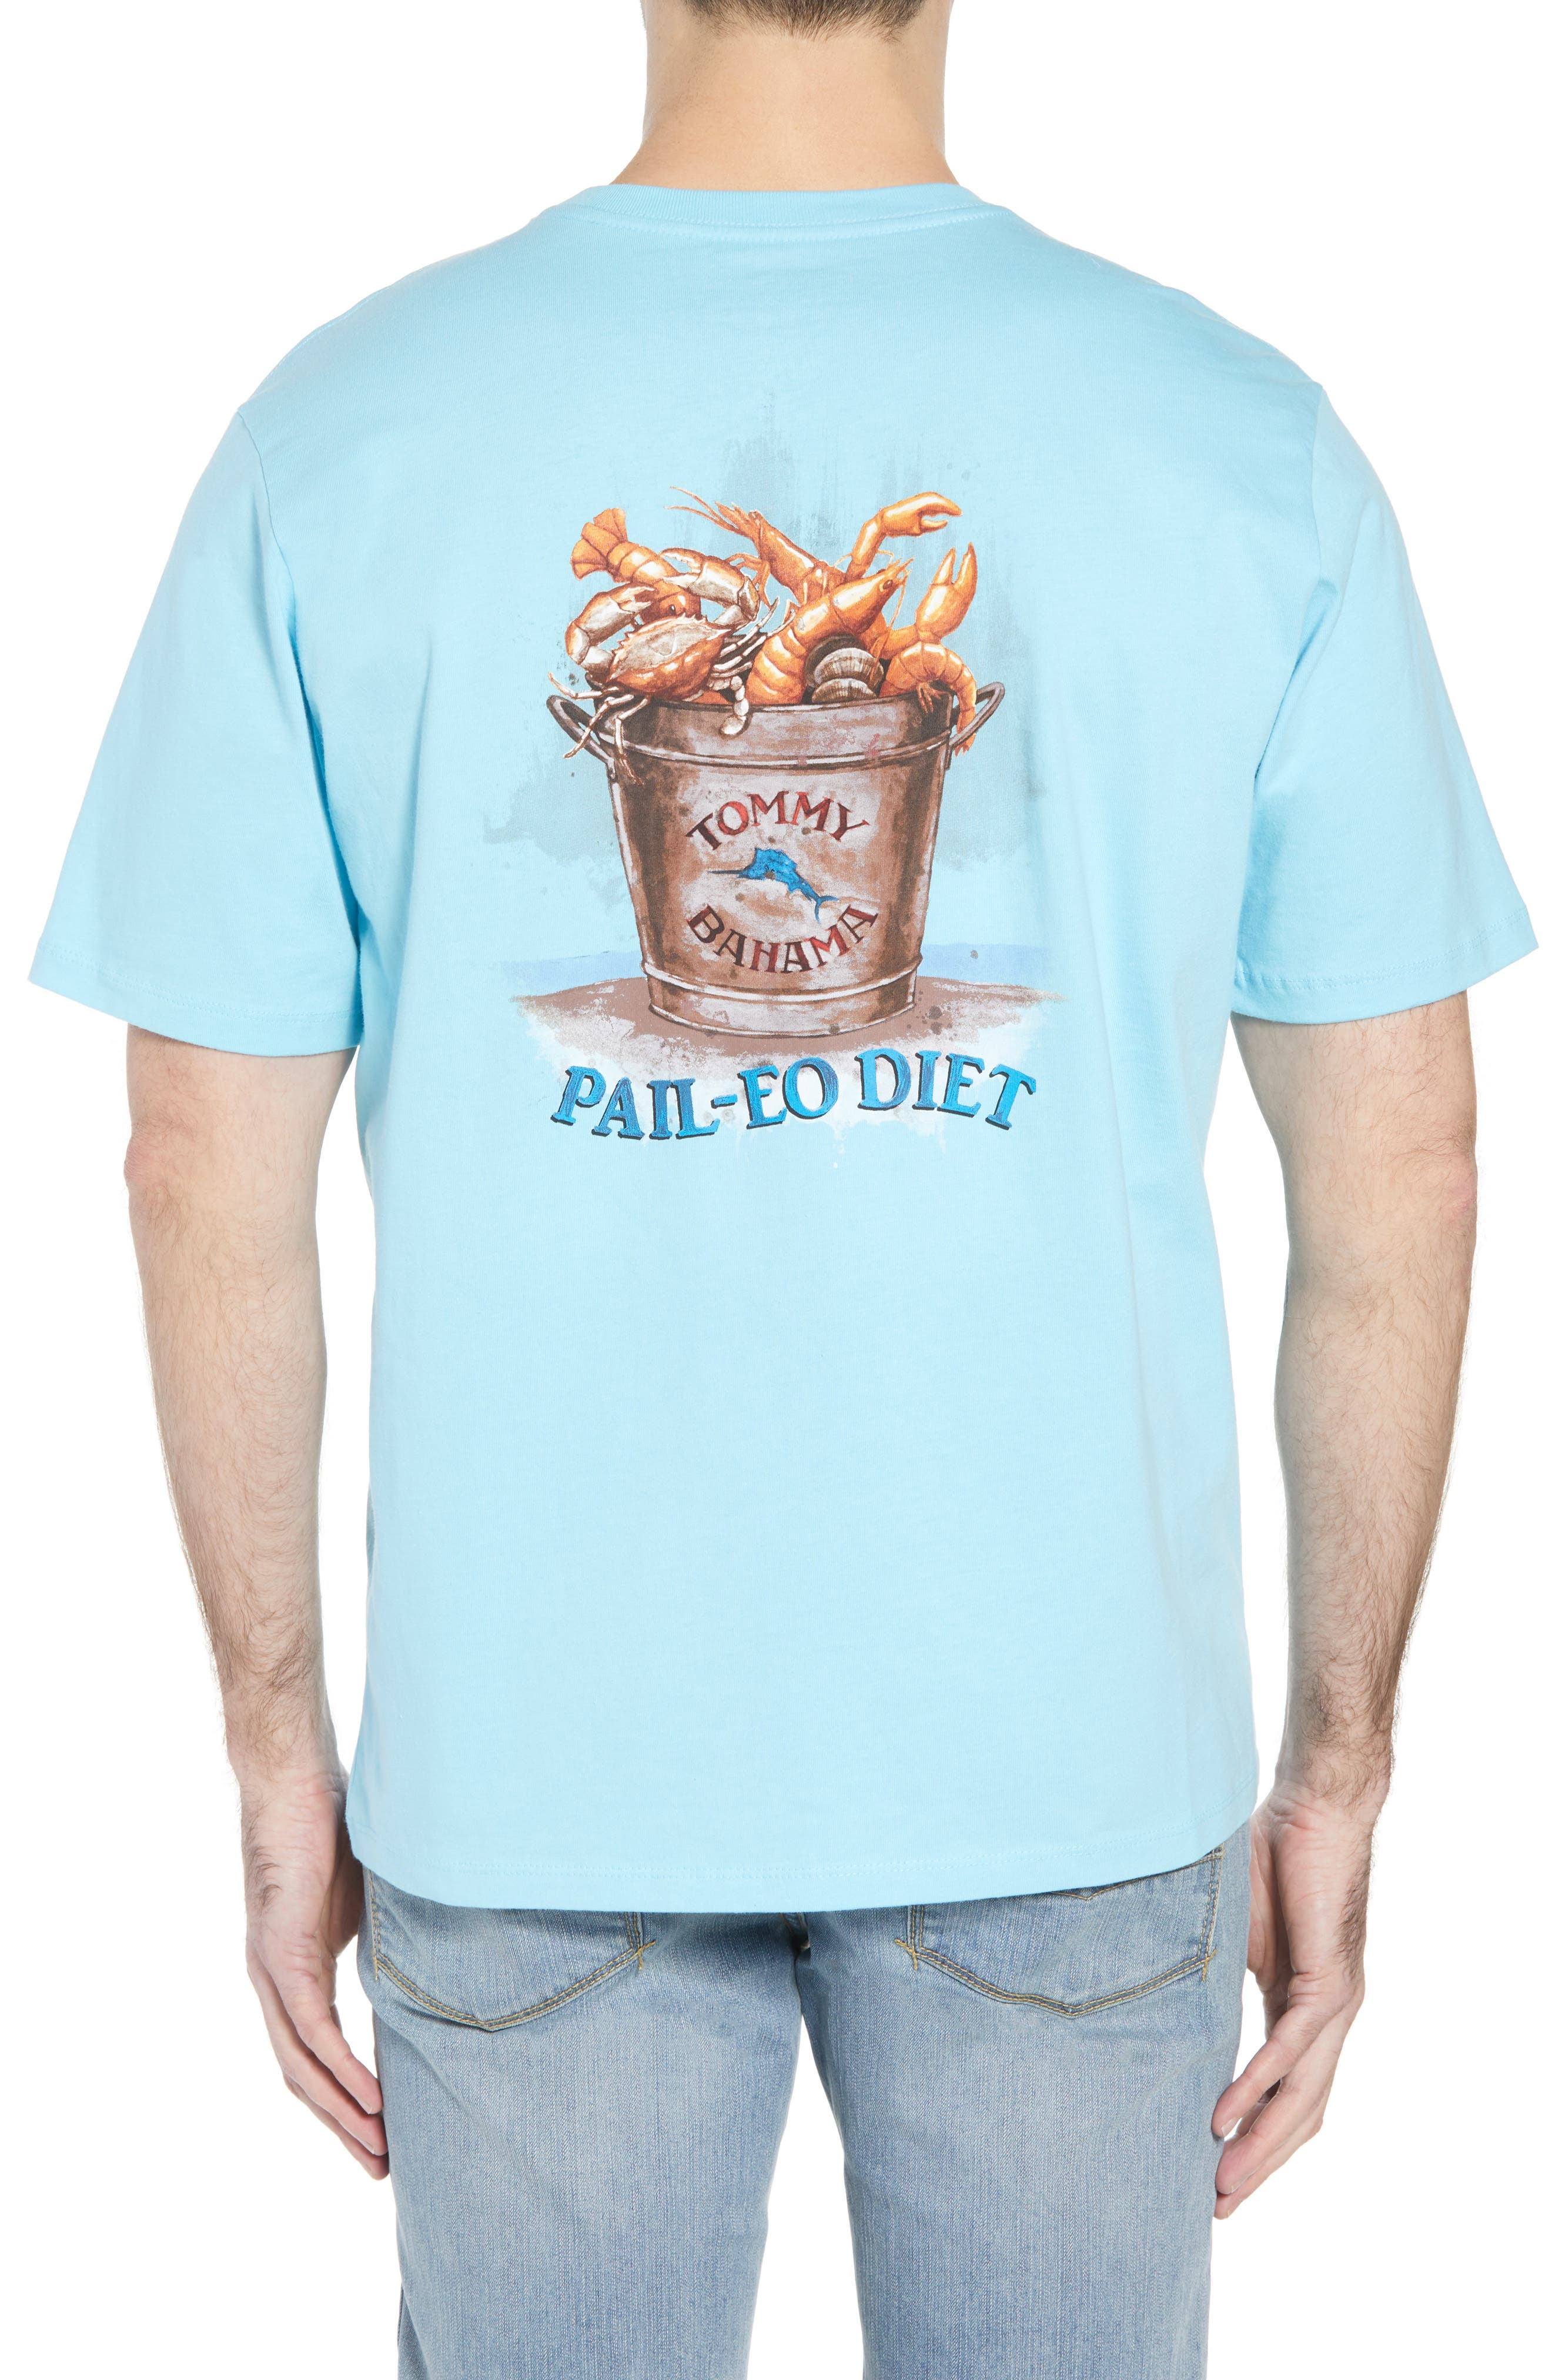 Pail-Eo Diet T-Shirt,                             Alternate thumbnail 2, color,                             Bowtie Blue